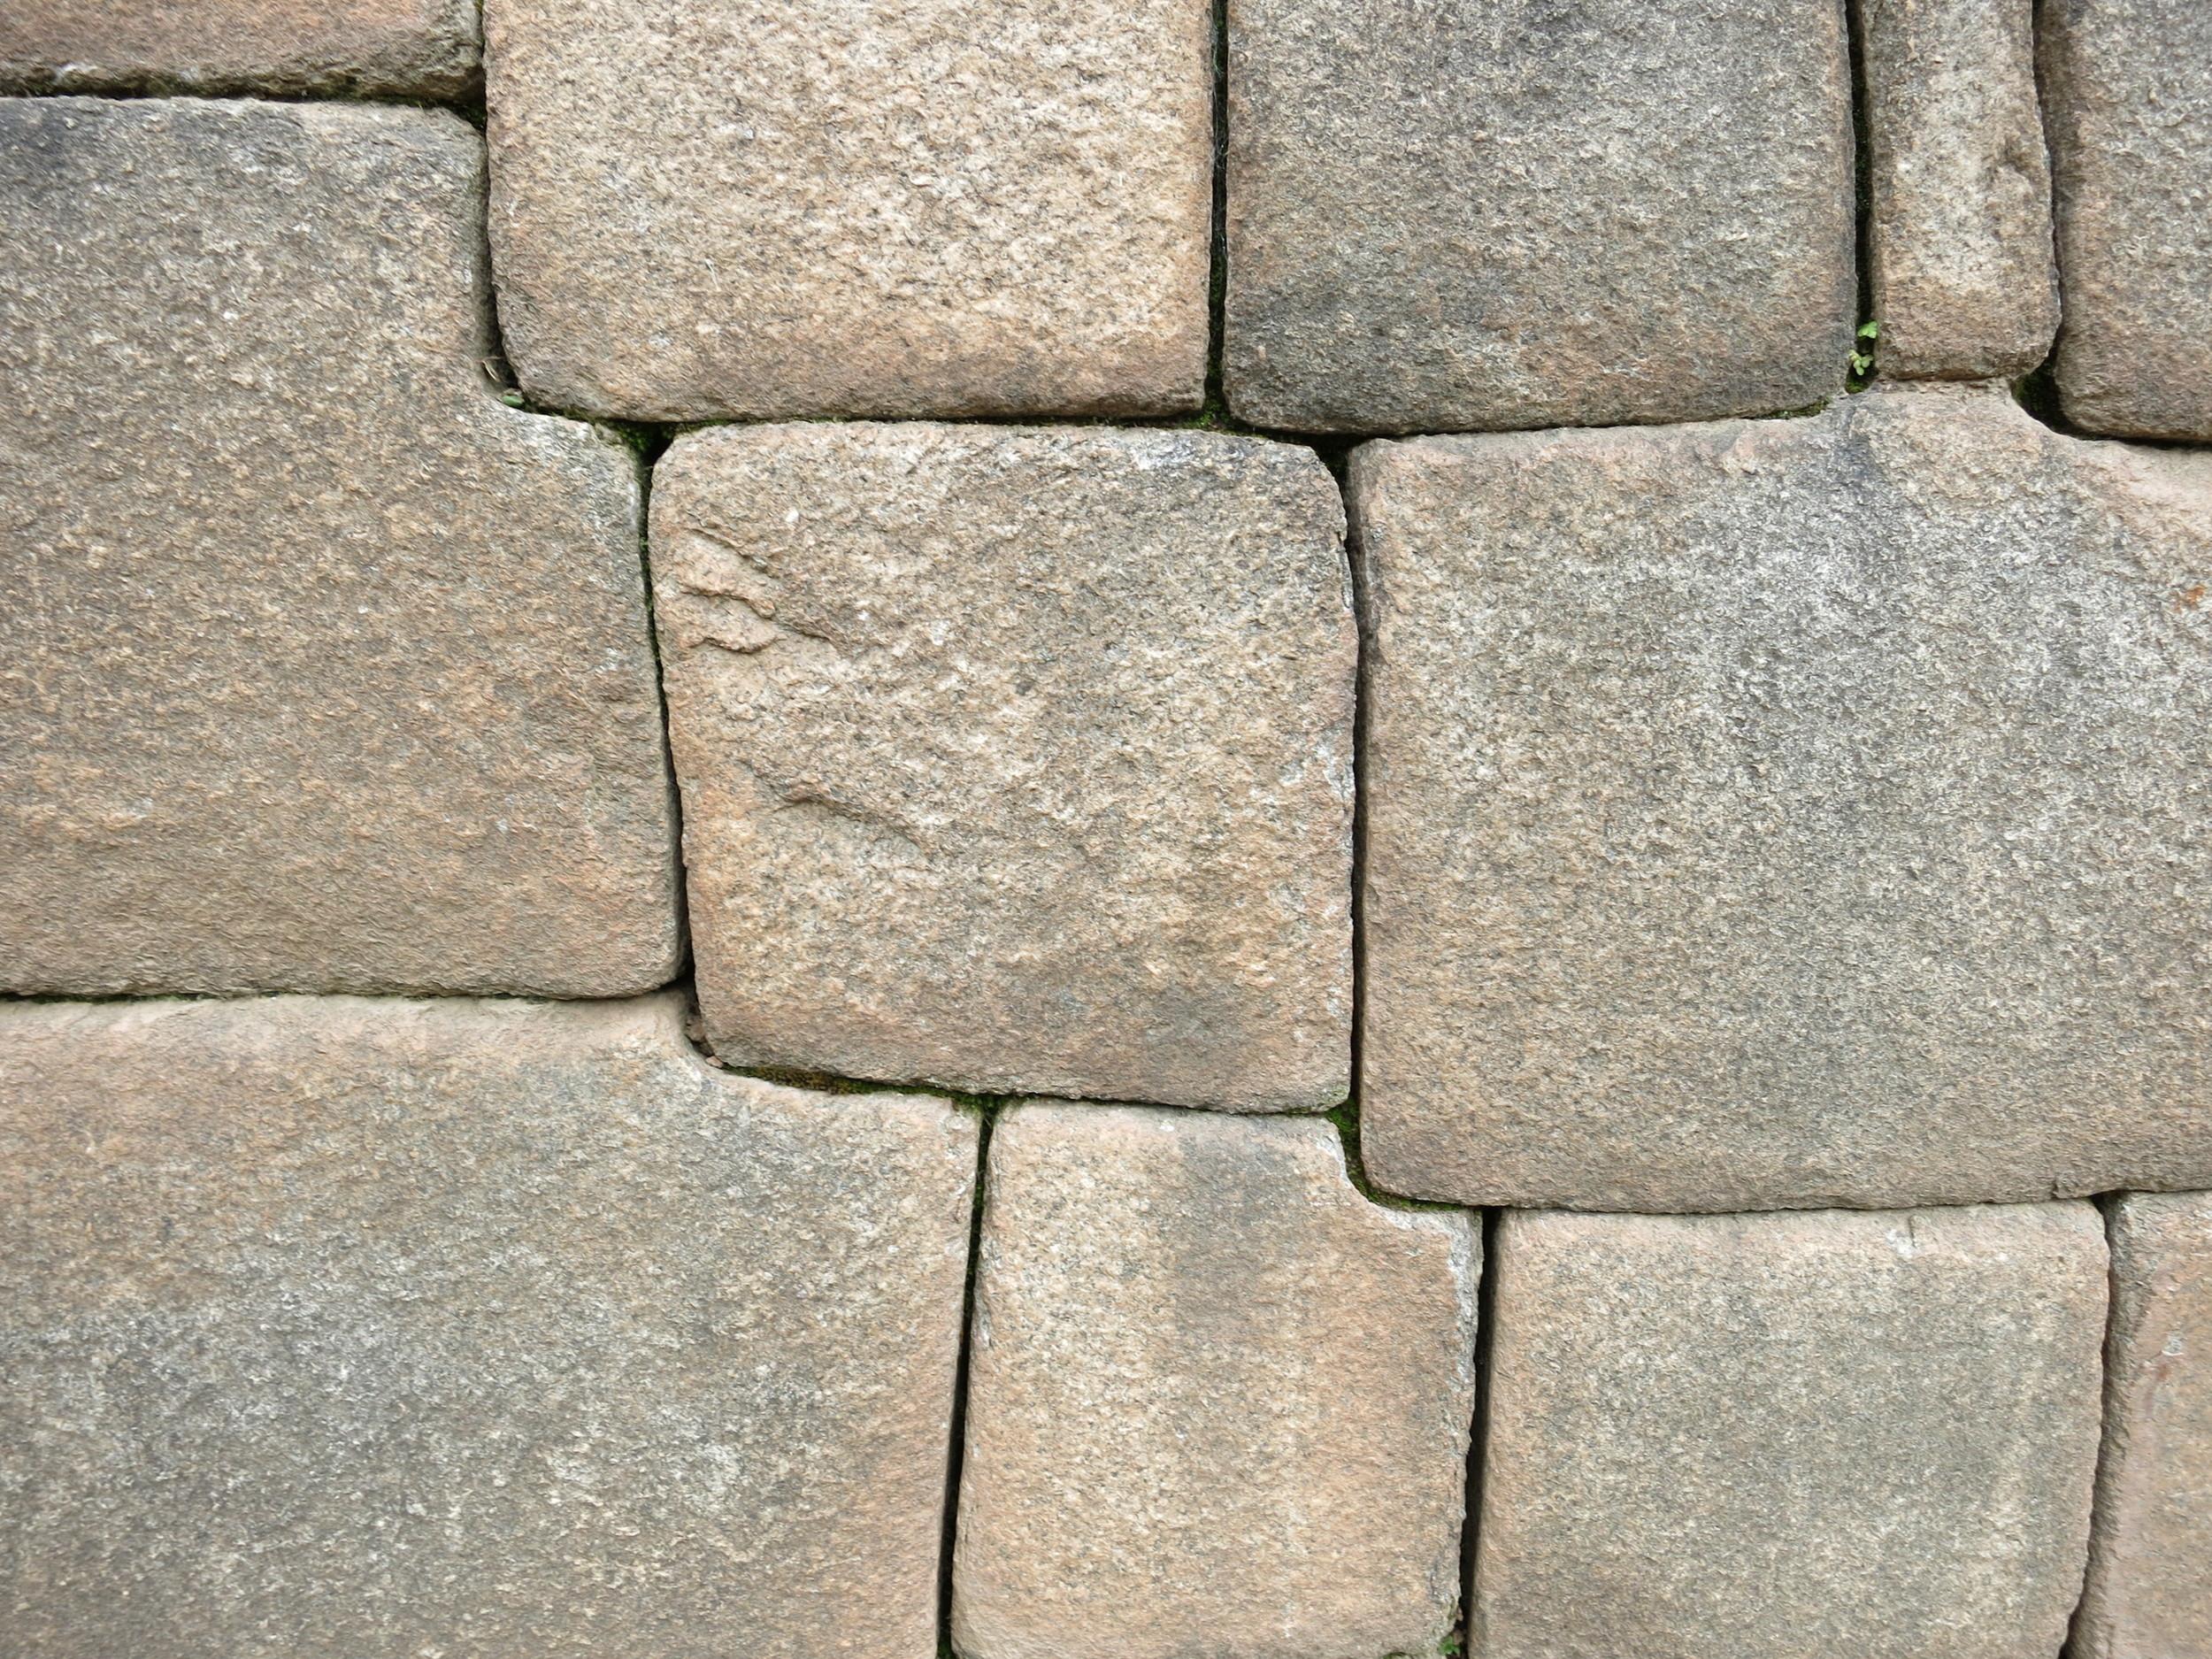 Close up of the Inka's stonework